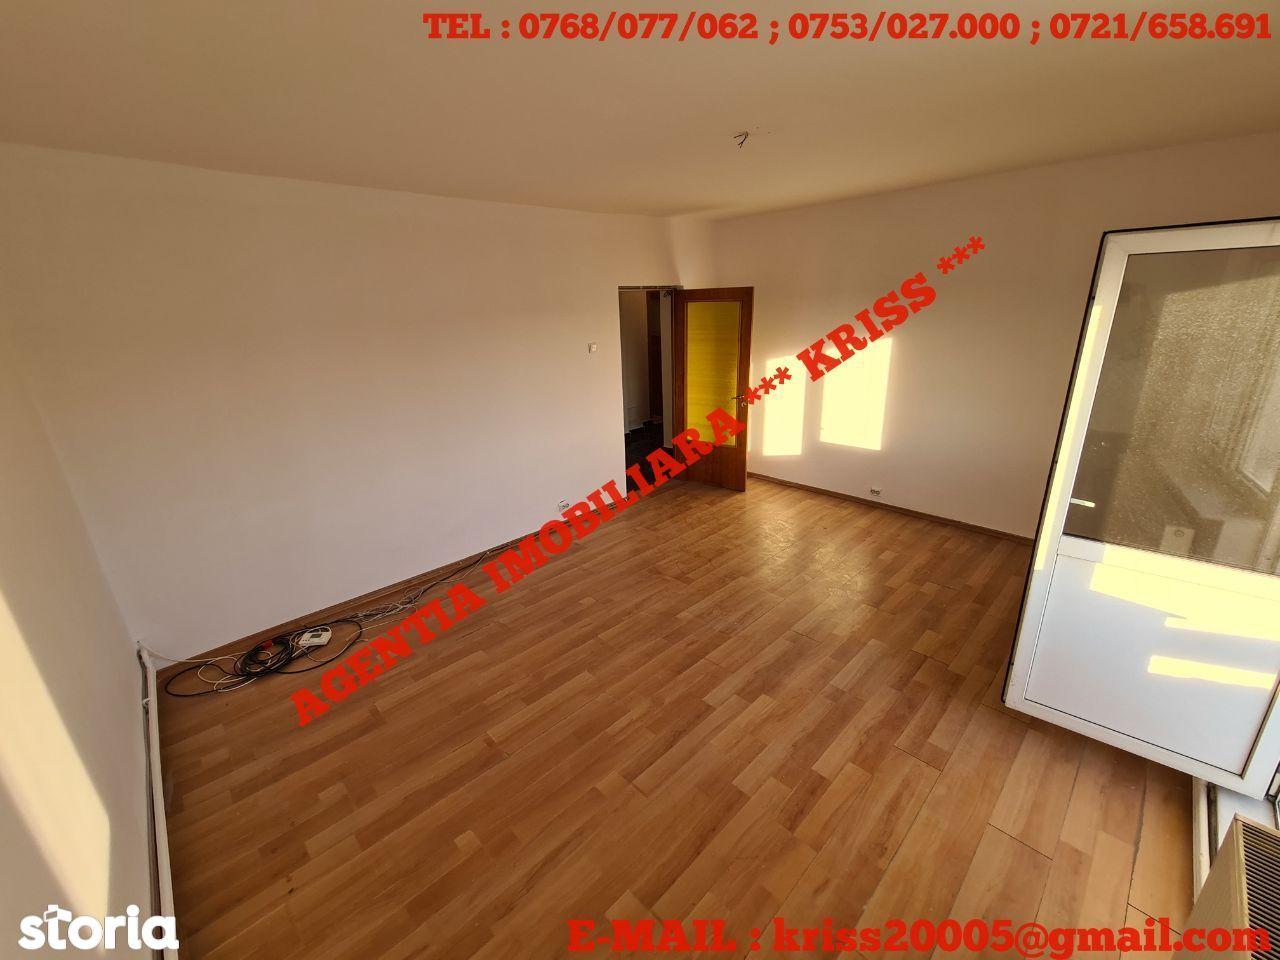 Apartament 3 Camere GĂVANA 3 Confort 1 Decomandat 2 Balcoane Liber